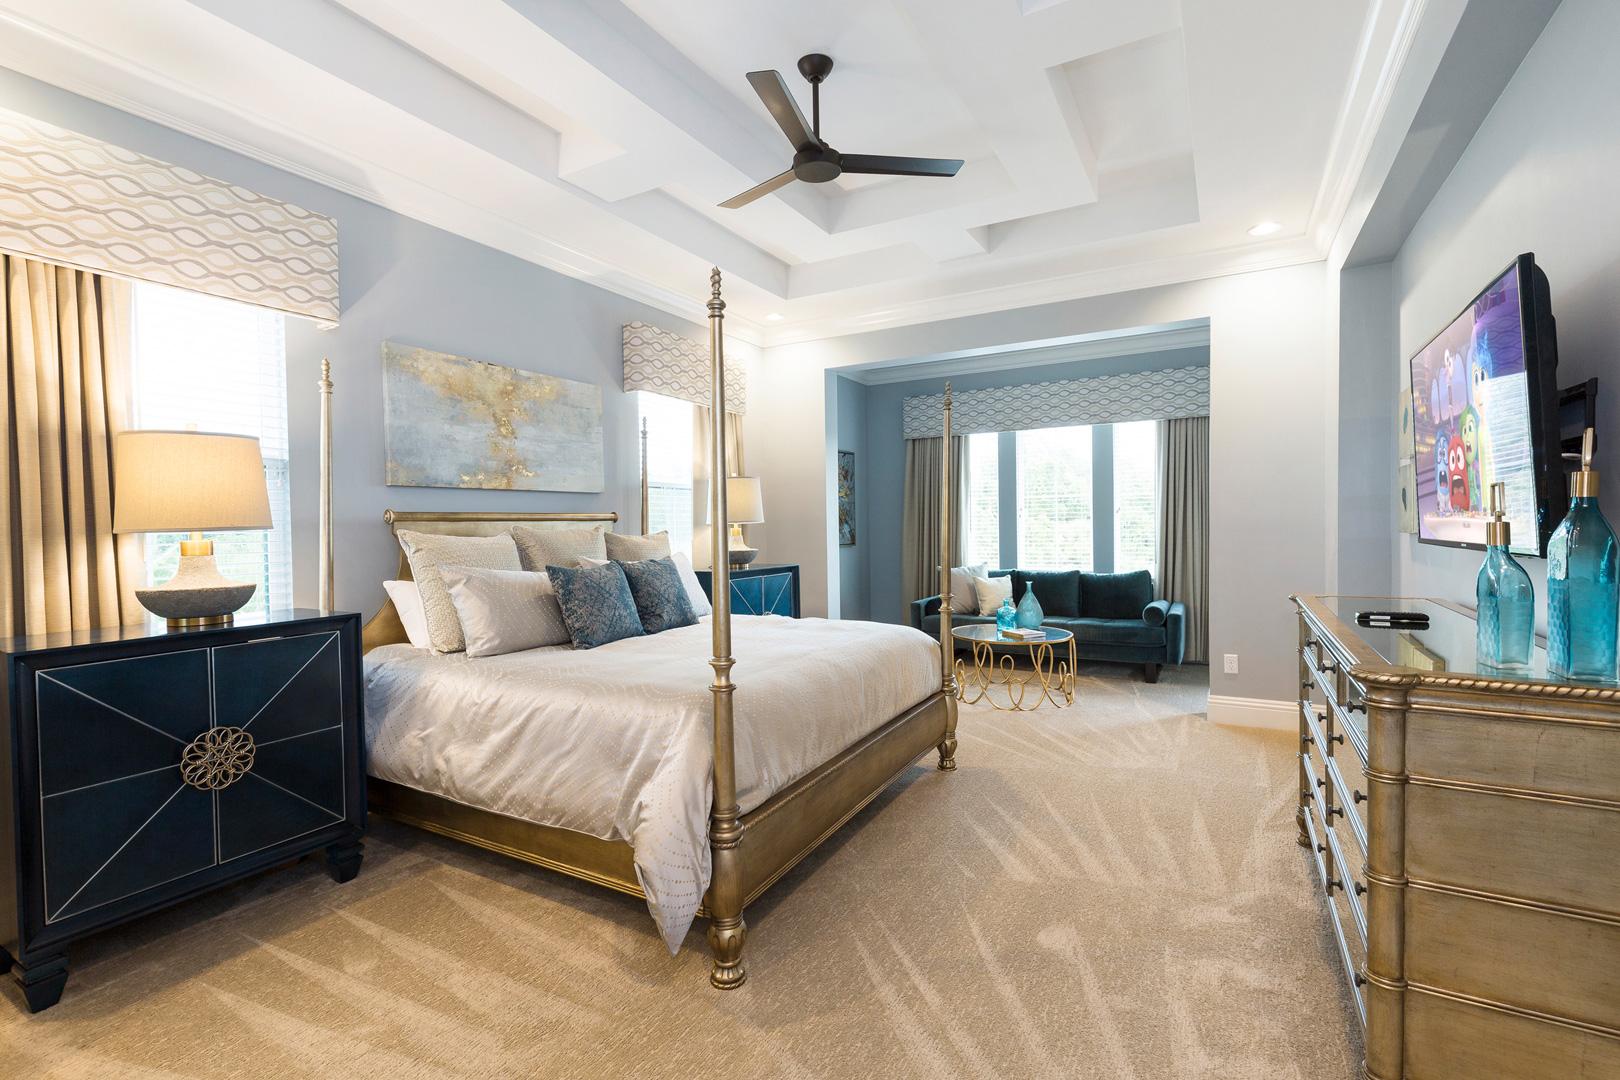 Bedrooms54